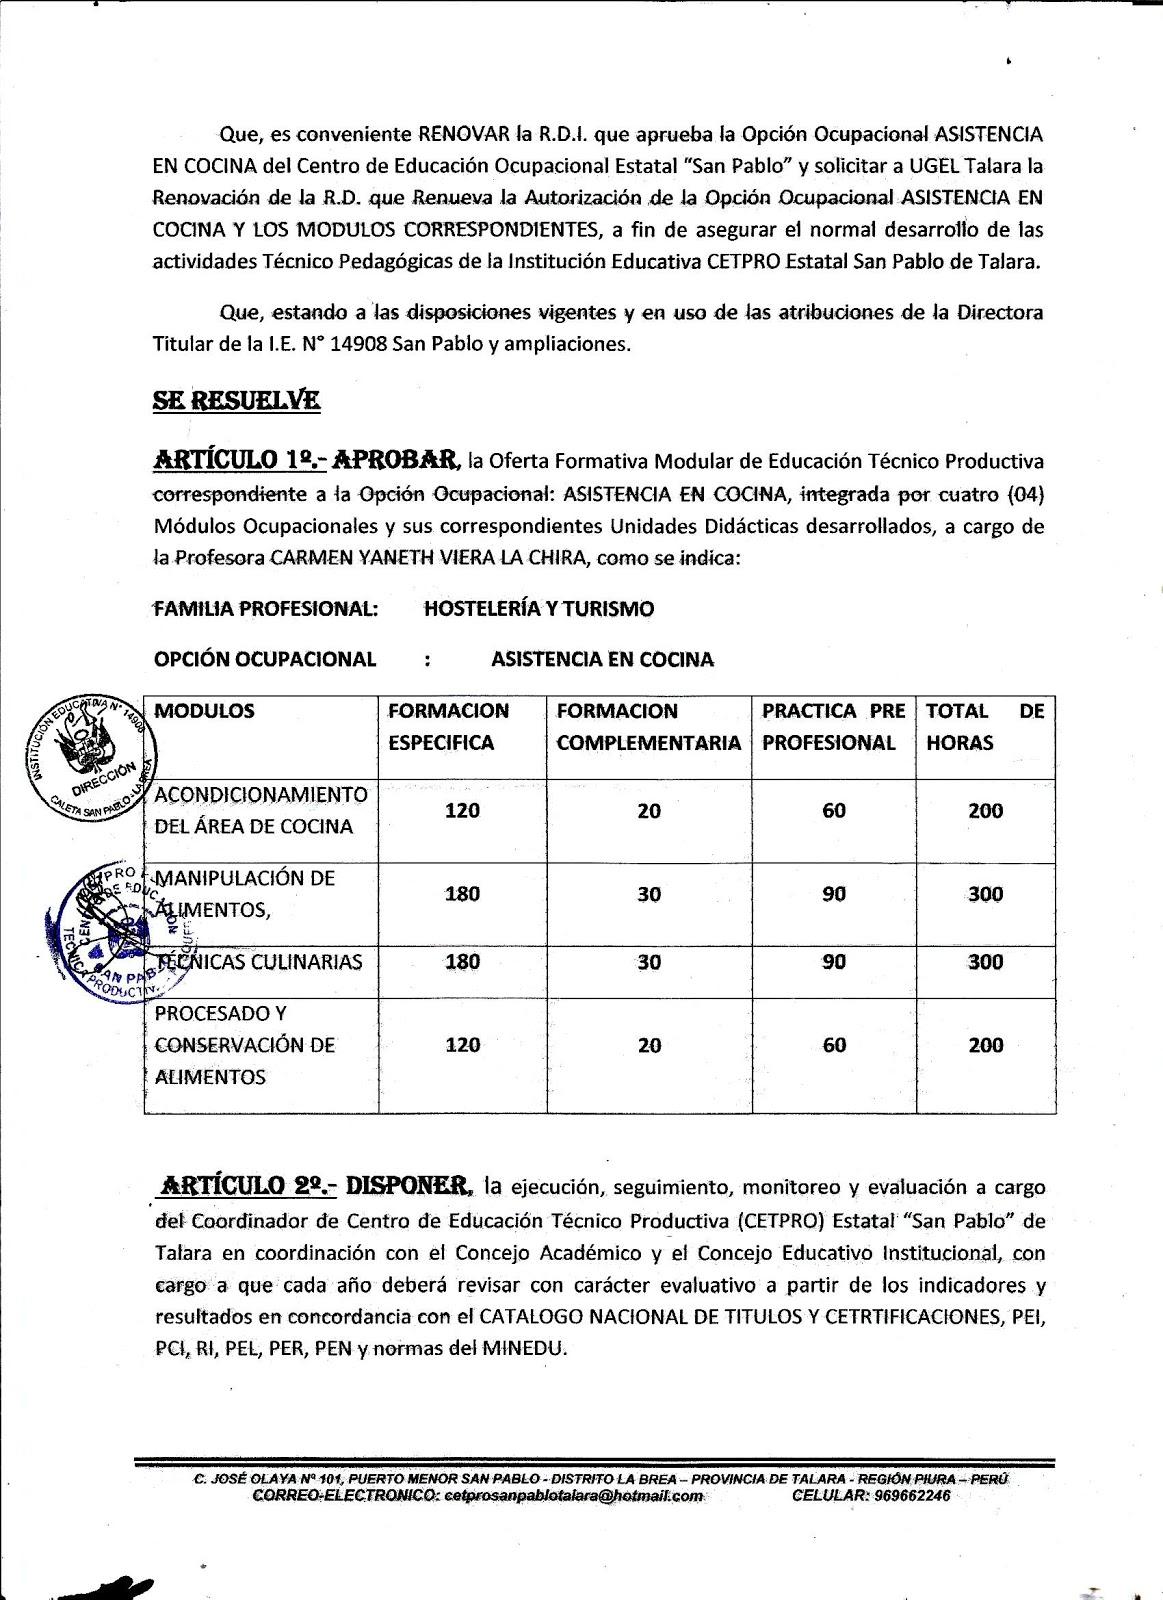 Centro De Formacion Profesional San Pablo De Talara Cetpro